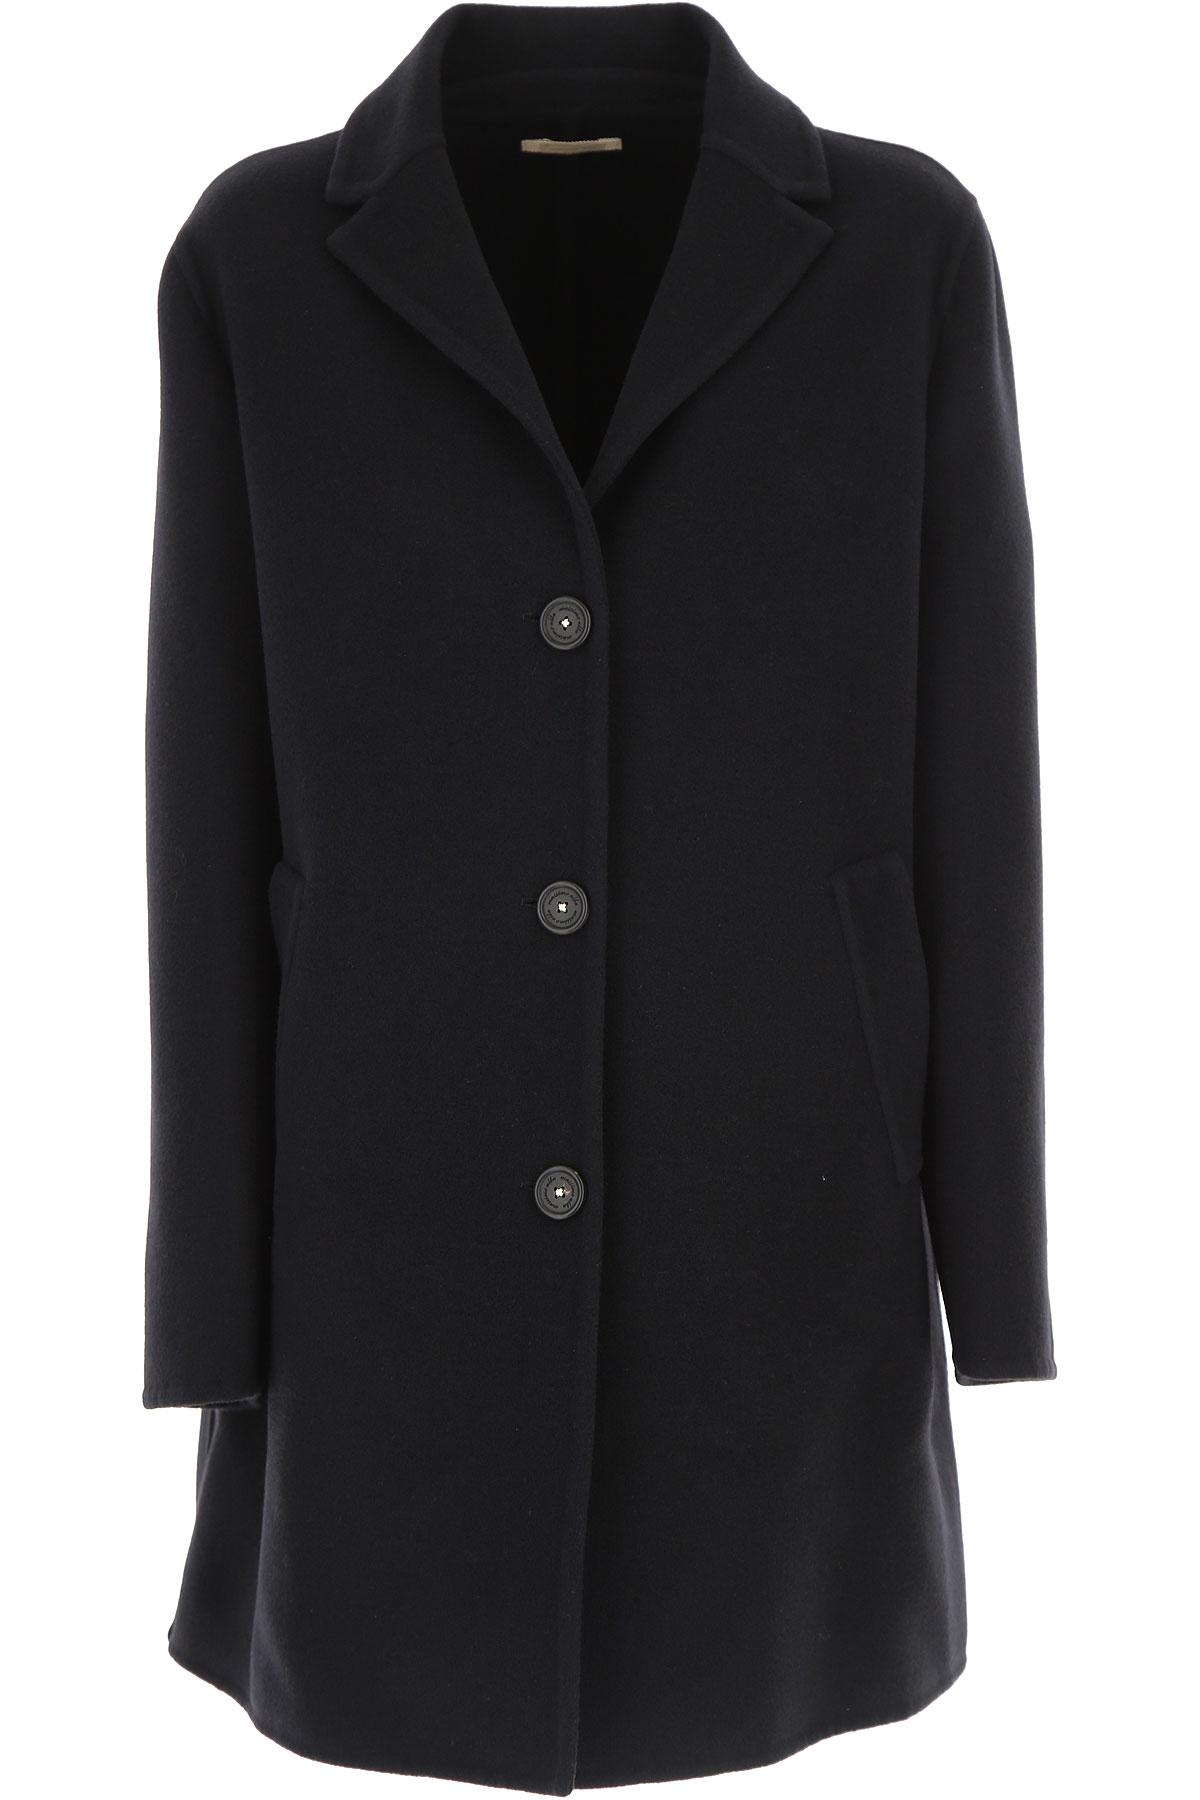 Image of Massimo Alba Women\'s Coat, Ink, fleece wool, 2017, 4 6